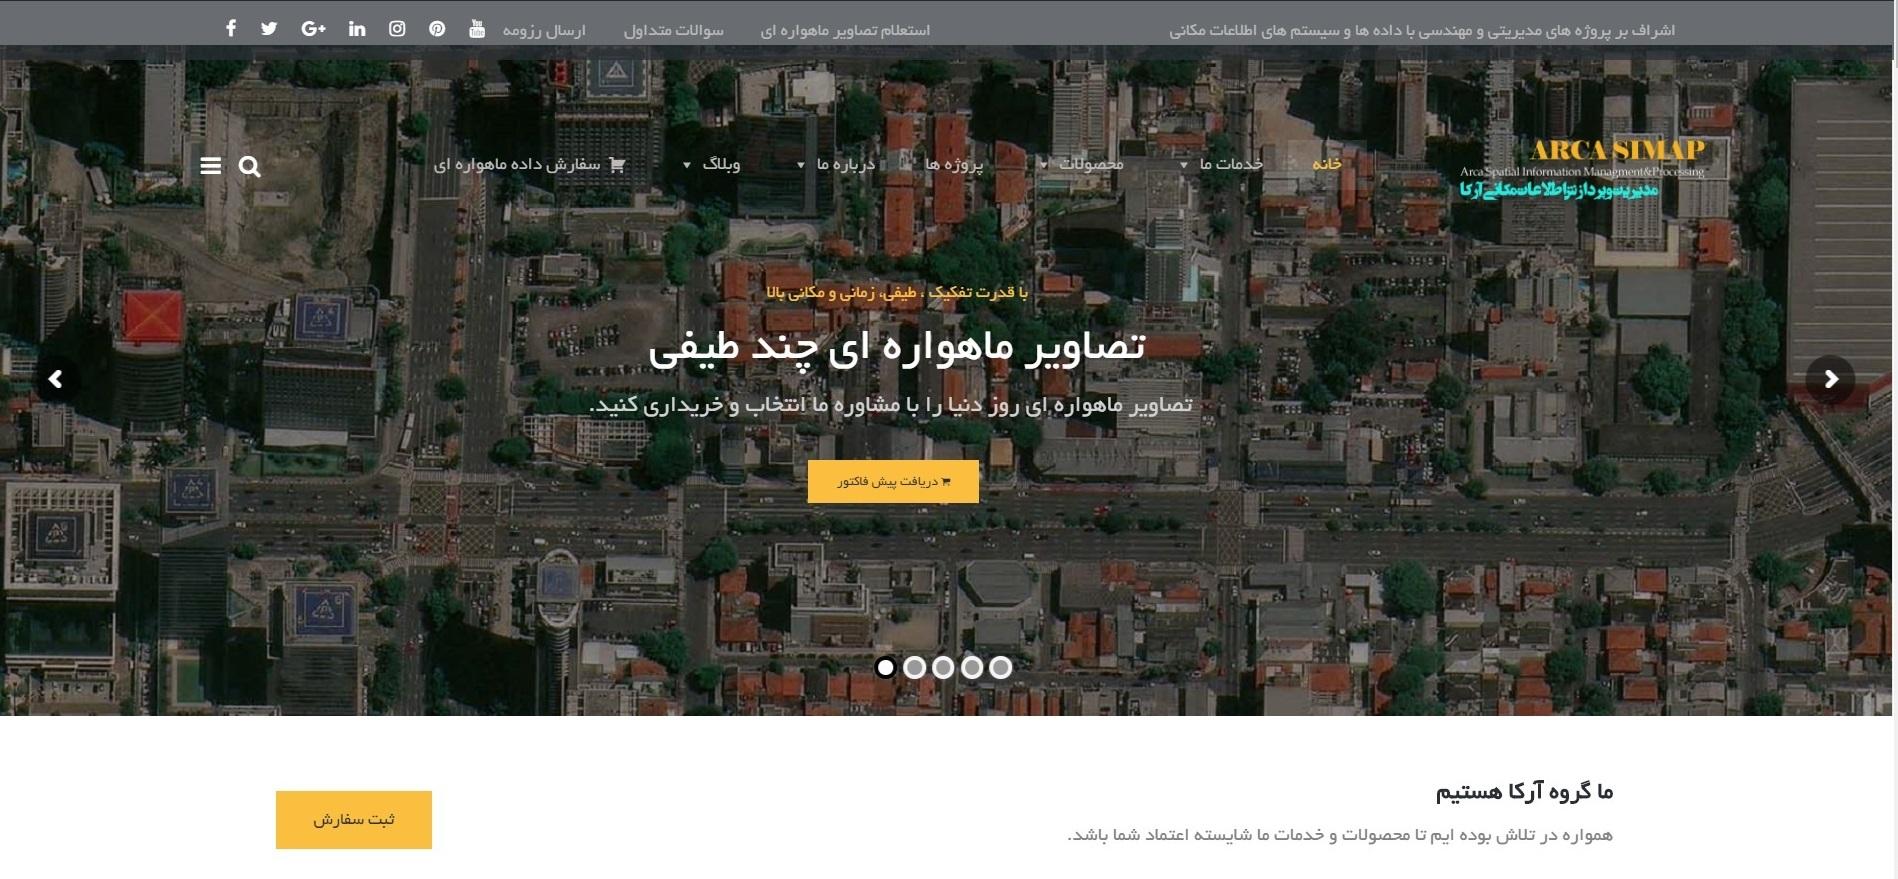 وب سایت جدید شرکت آرکا